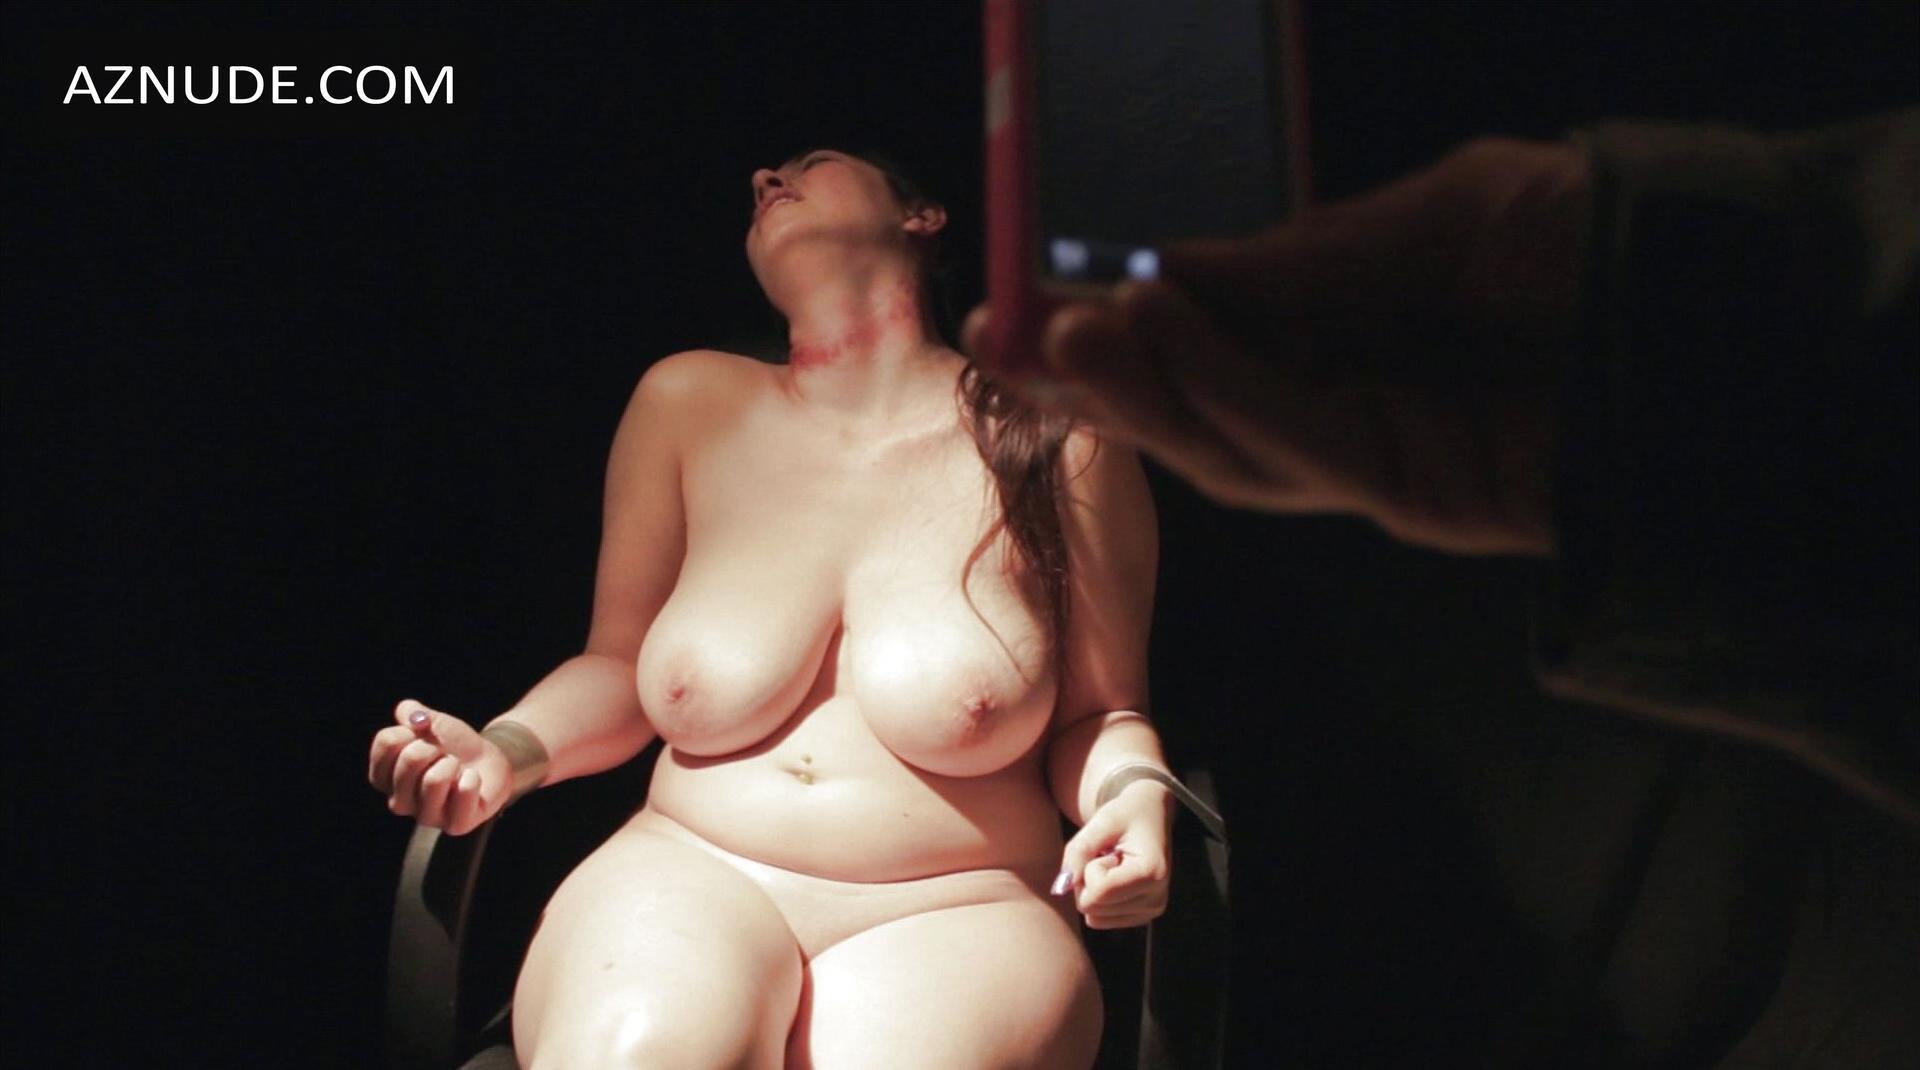 Bbw Nude Movies 64